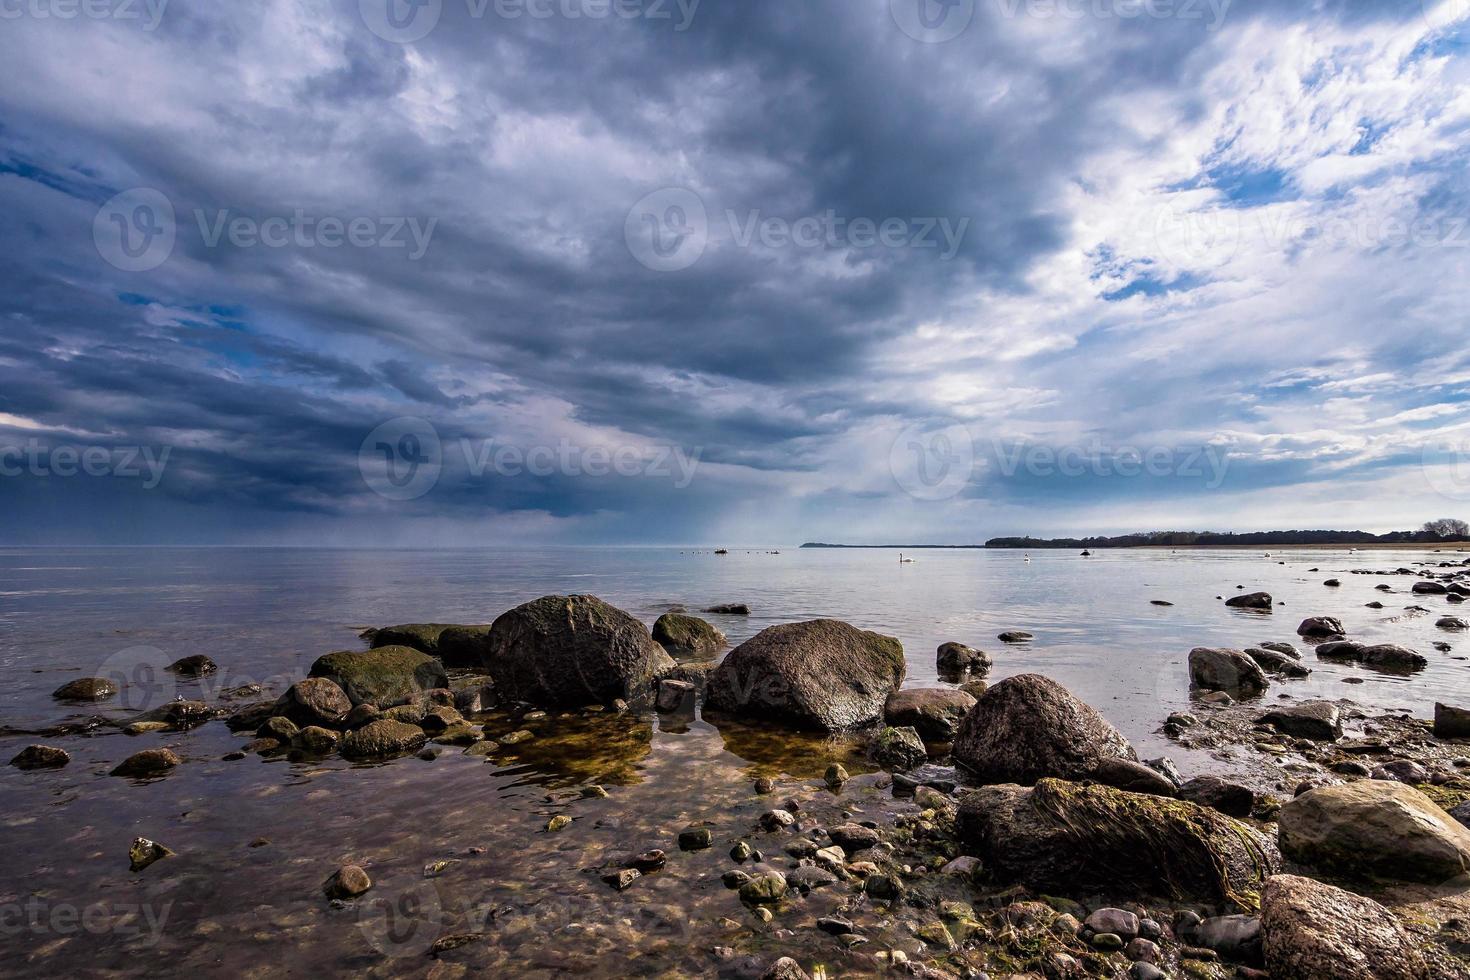 enjeitados na costa do mar Báltico foto